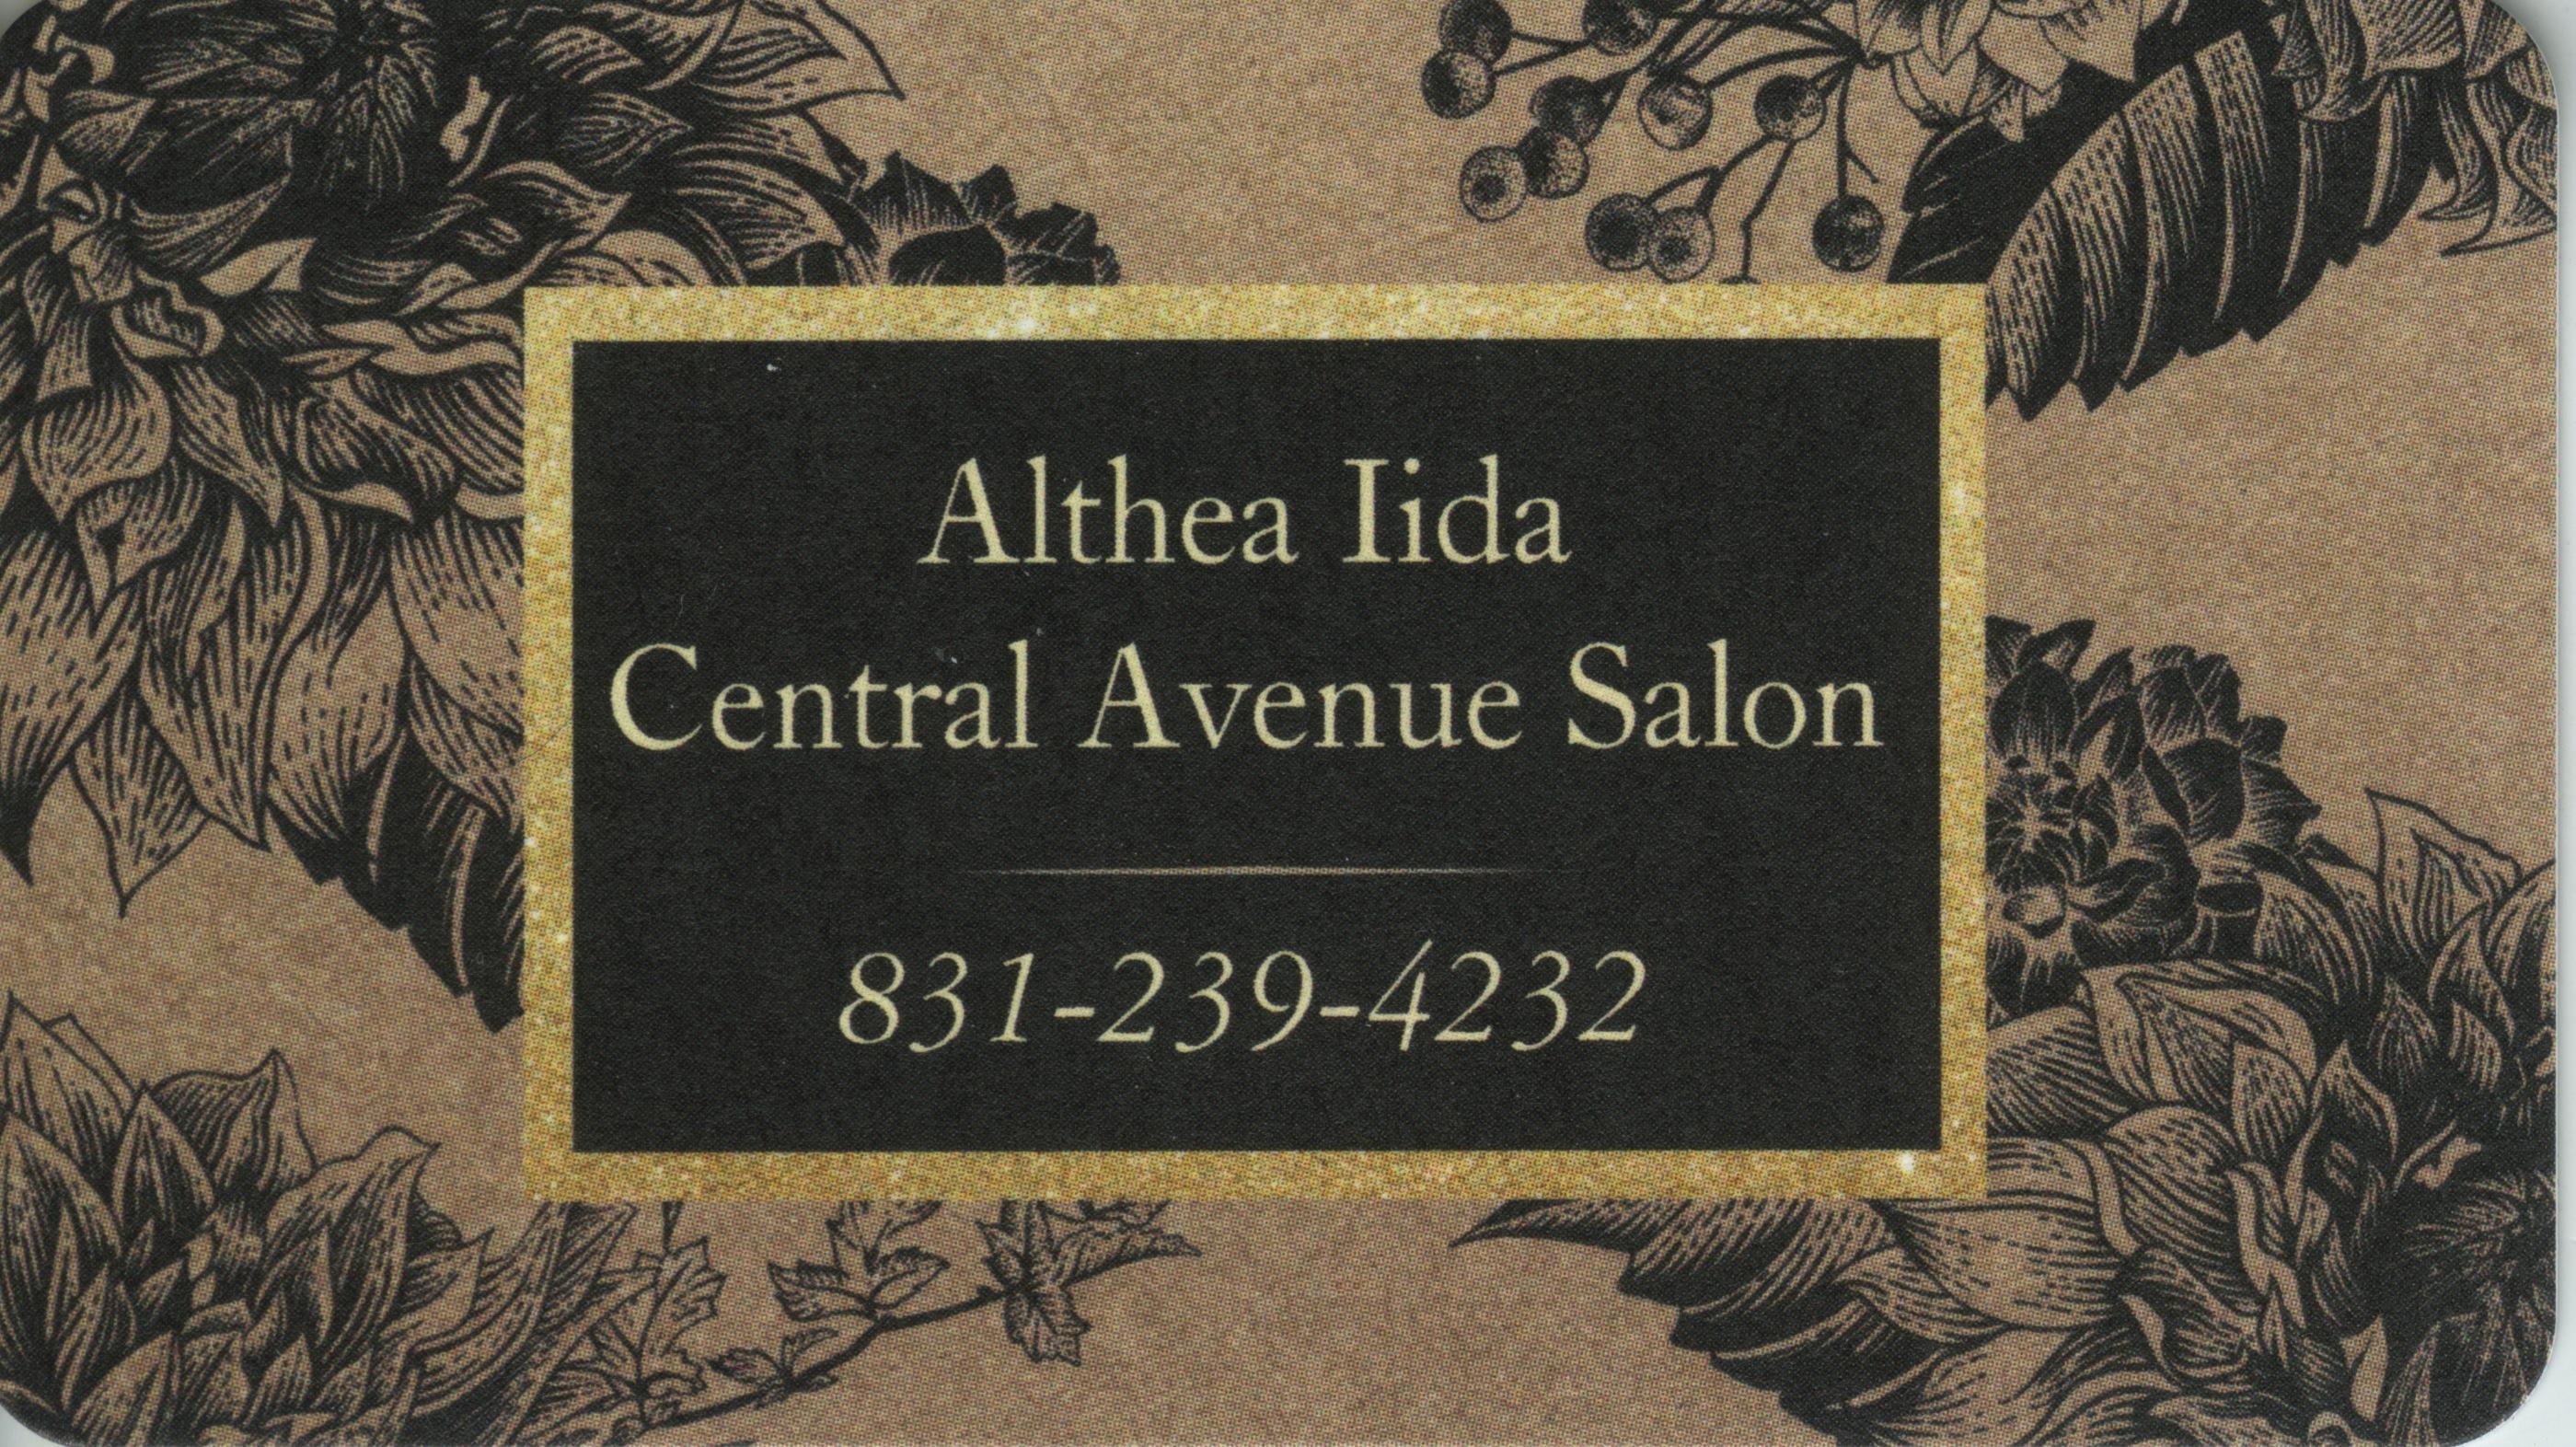 Central Avenue Salon